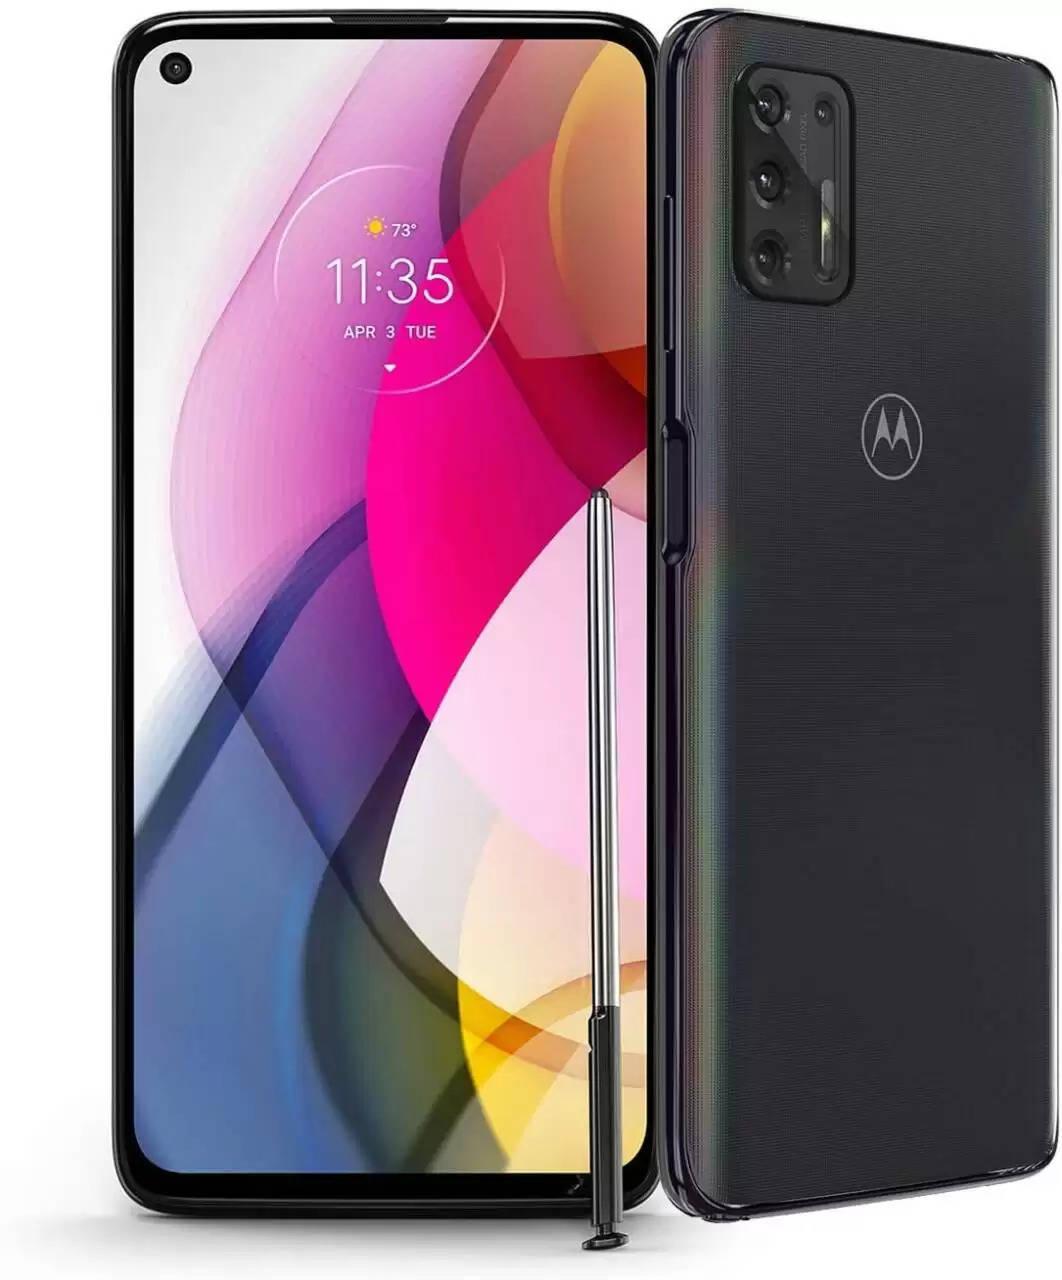 Motorola Moto G Stylus 5G स्पेसिफिकेशंस की सूचना दी, इसमें क्वालकॉम स्नैपड्रैगन 480 SoC हो सकता है